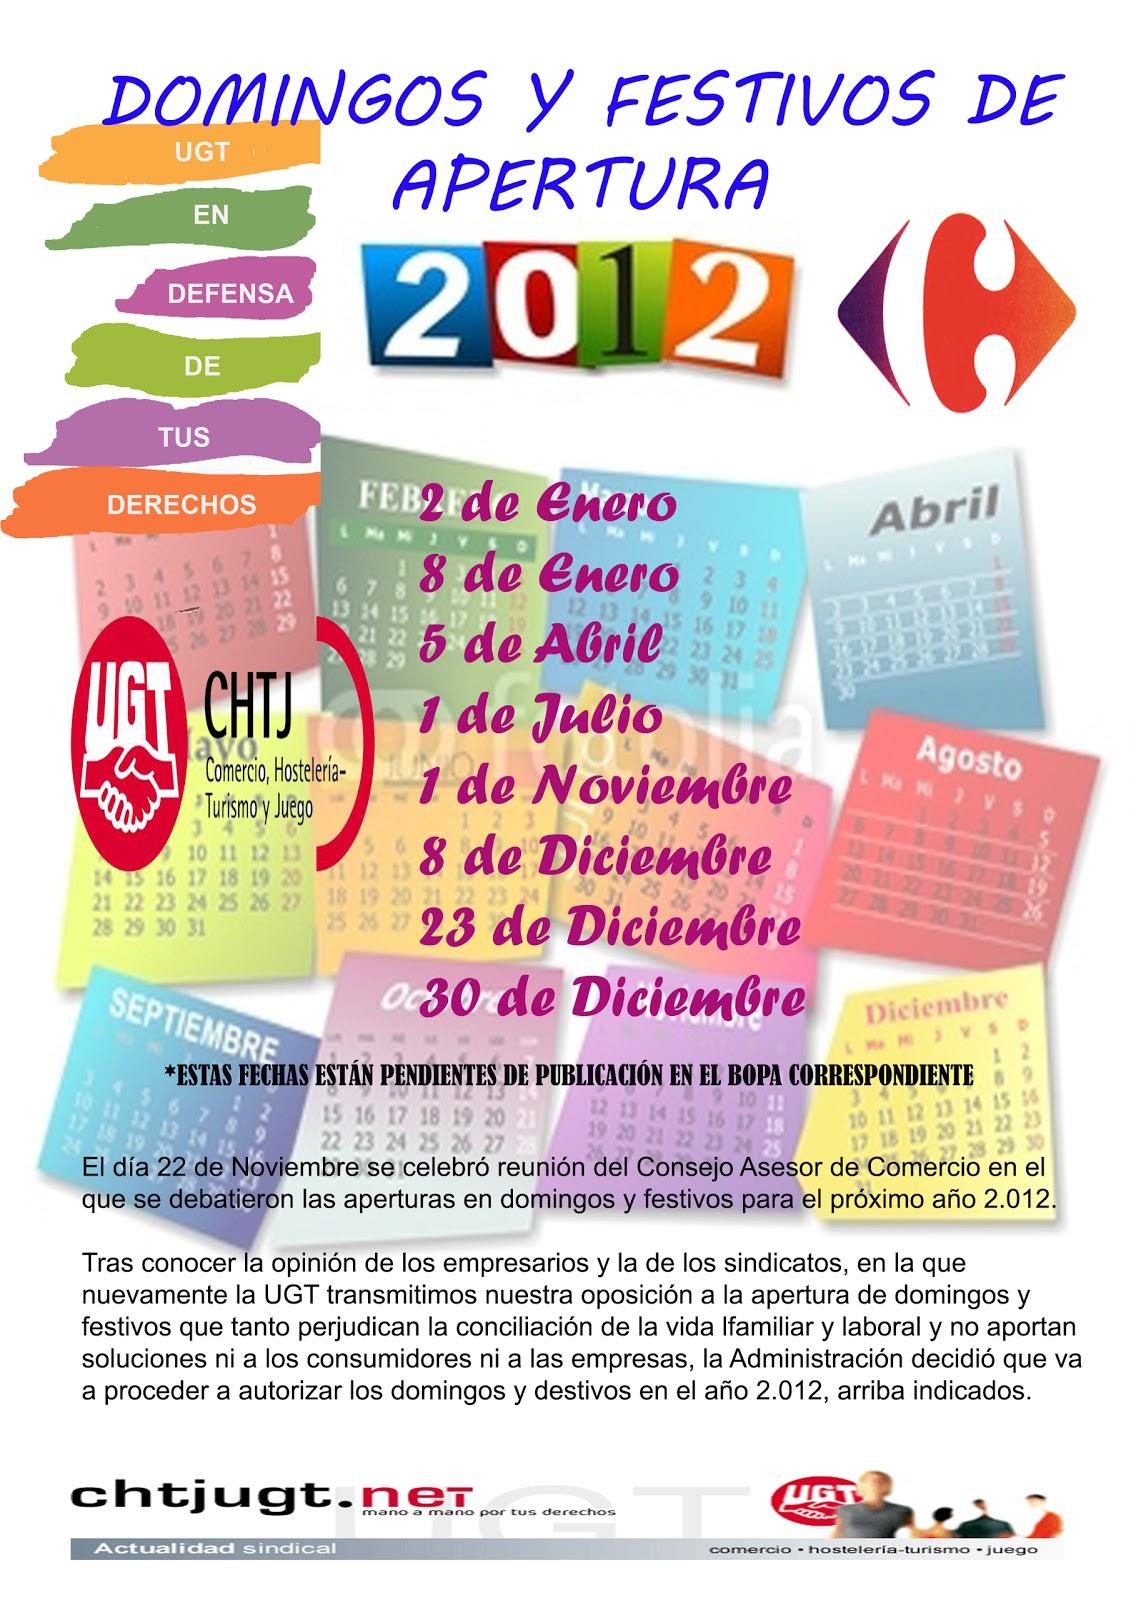 ugt carrefour asturias domingos y festivos de apertura